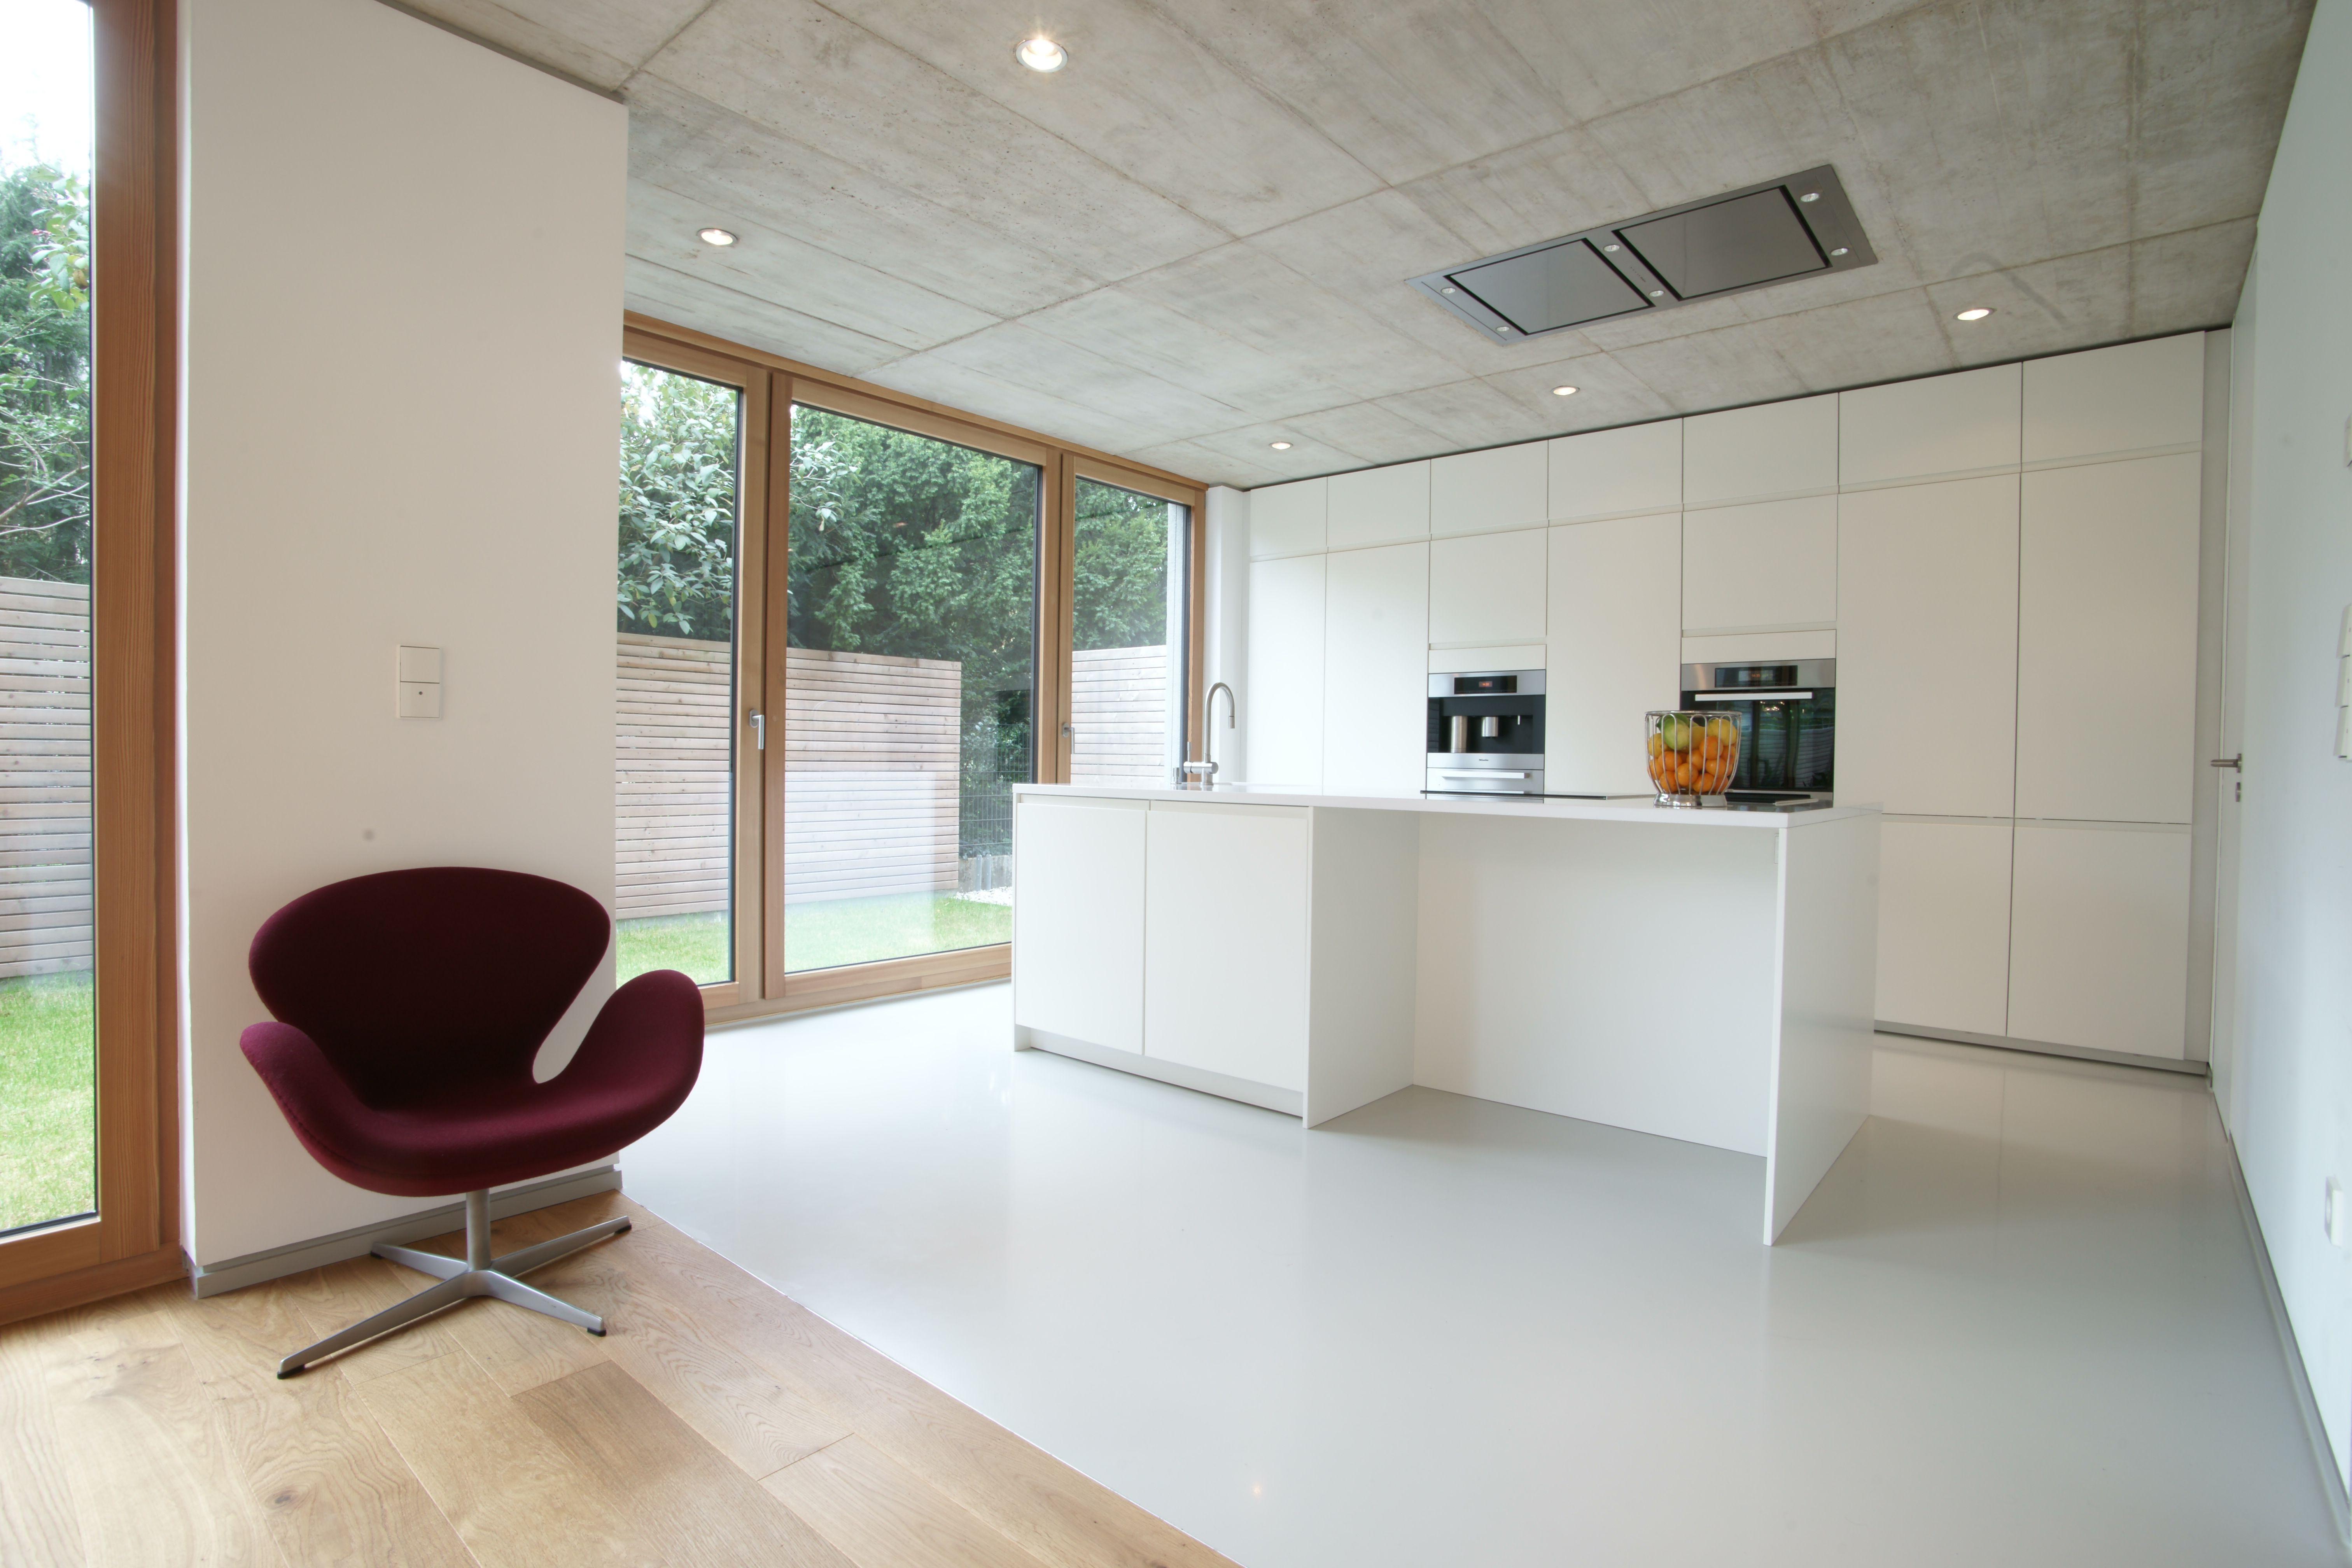 2 Doppelhaushalften R141 Dinslaken Matthias Stickel Architektur Kuche Wohnen Haus Deko Einrichten Und Wohnen